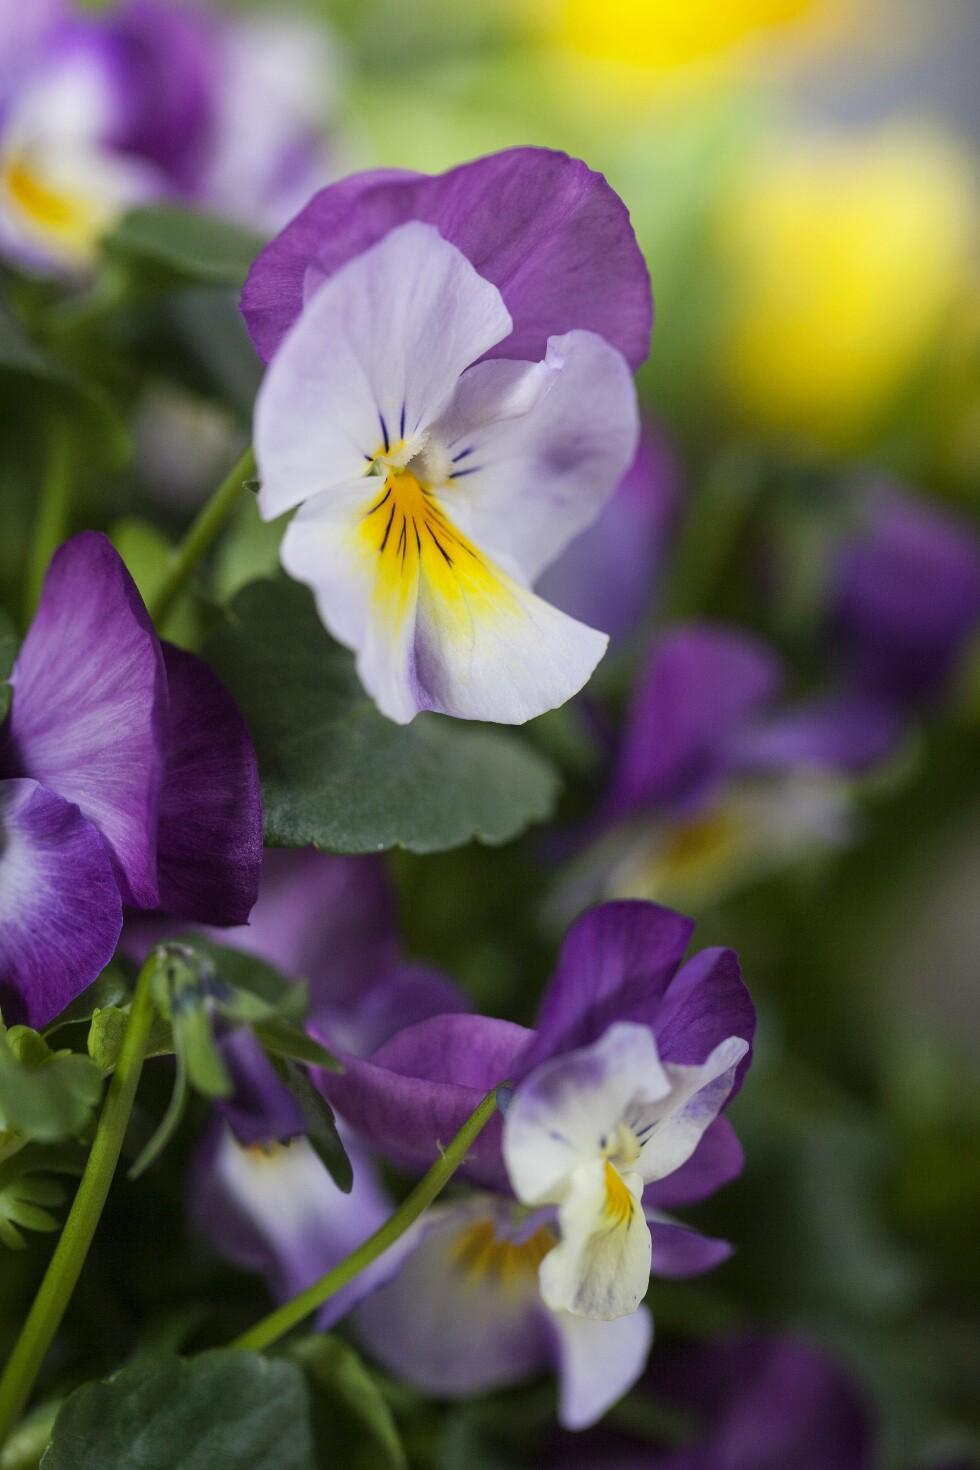 STEMORSBLOMST: Naturens vakreste påfunn. Bilde fra Mester Grønn. Foto: Produsenten